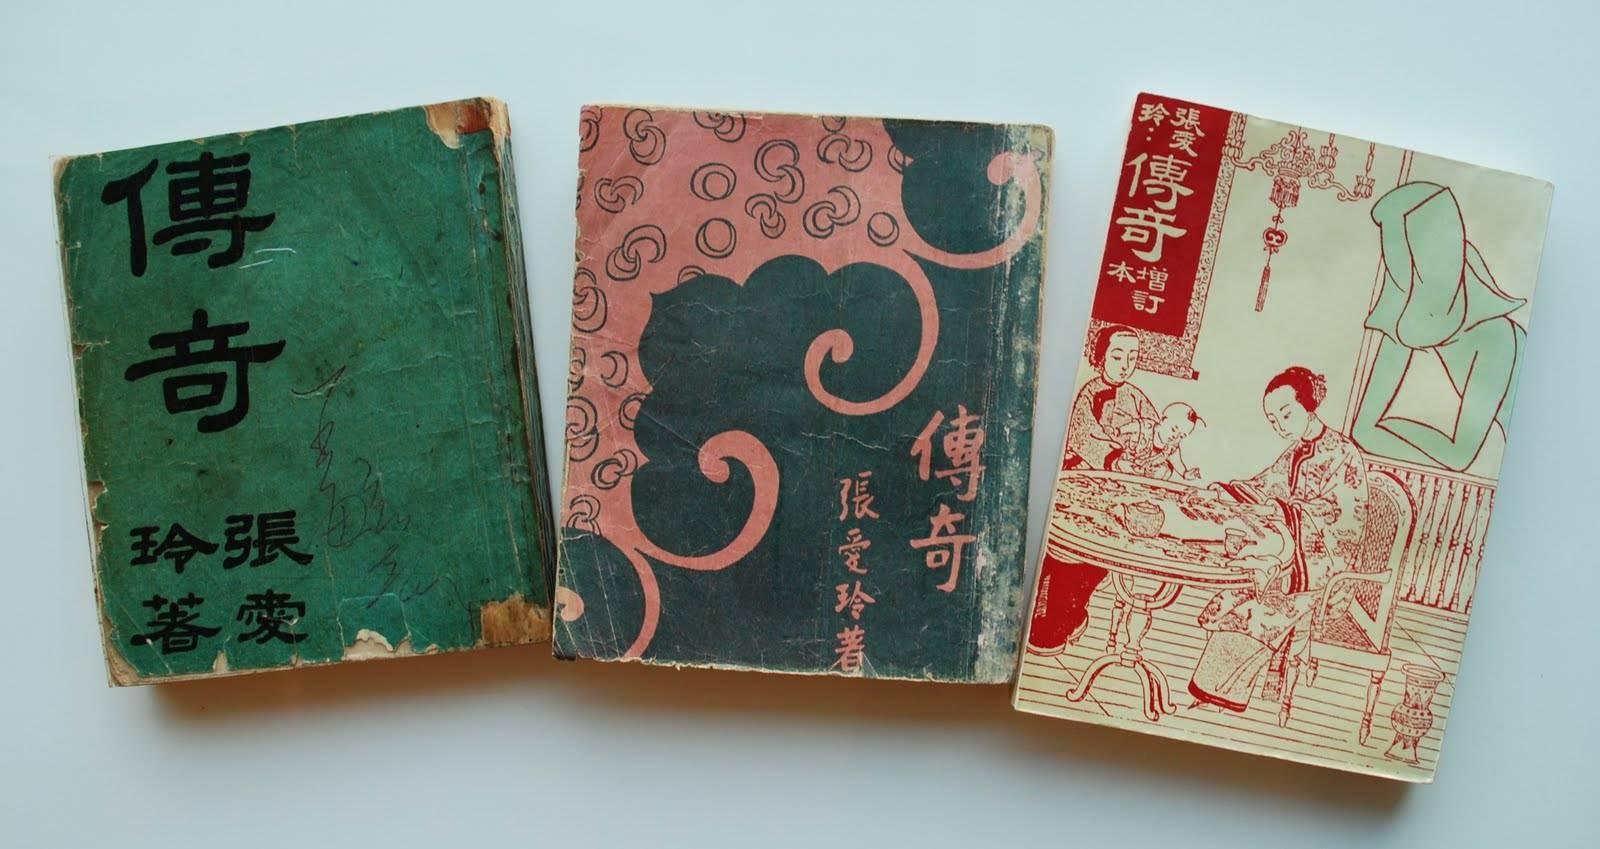 书评丨70万字的《张爱玲往来书信集》里,有她与挚友的私密一隅